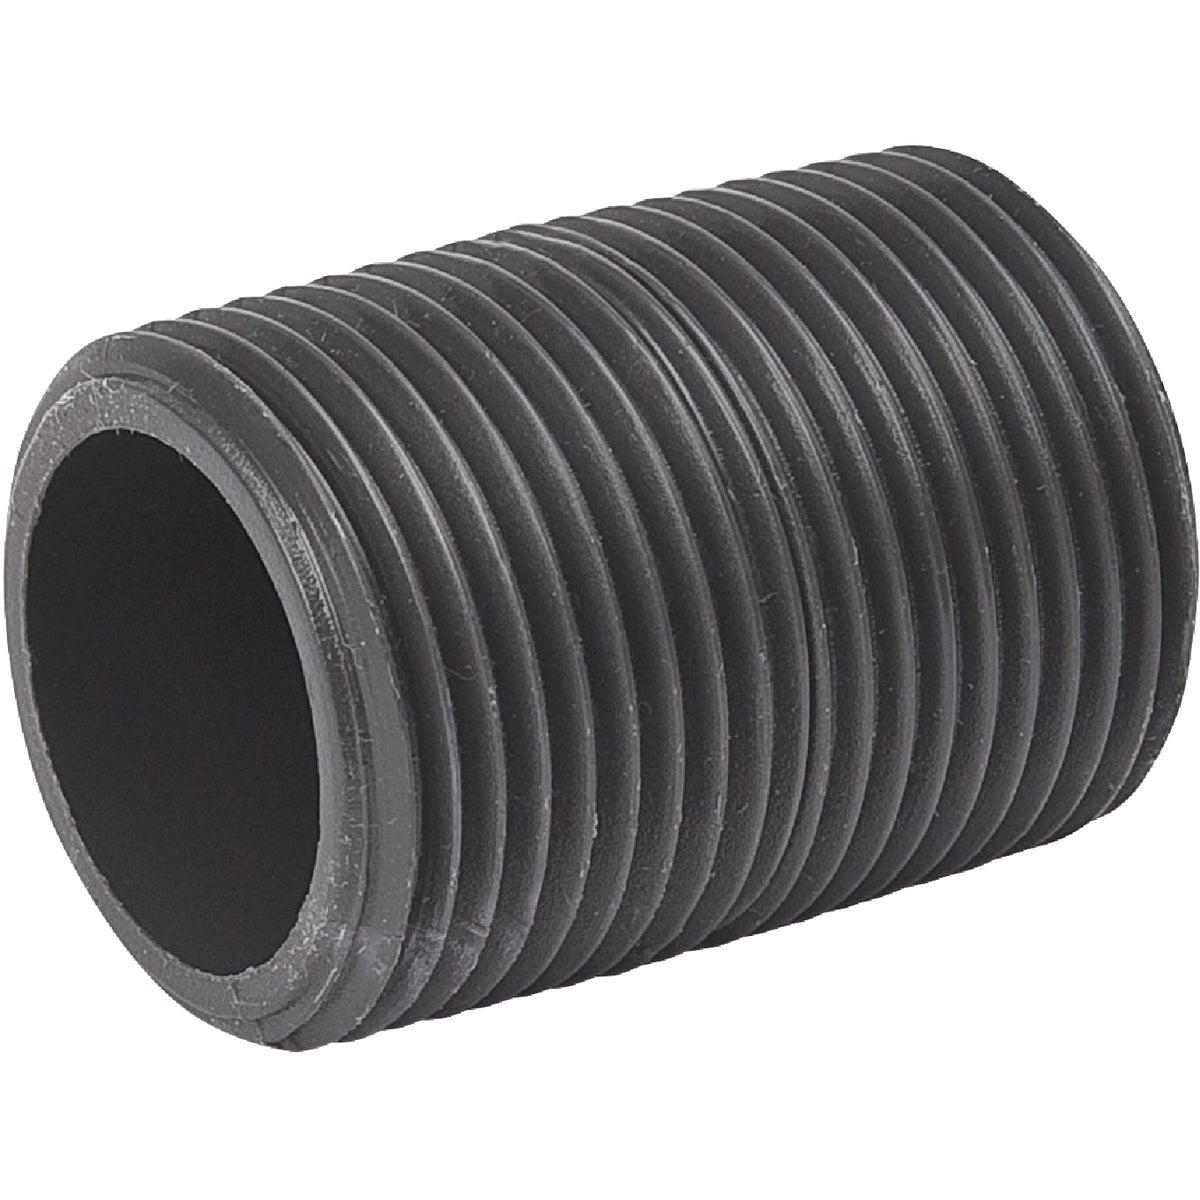 3/4XCL PVC NIPPLE - 404-001 by Mueller B K